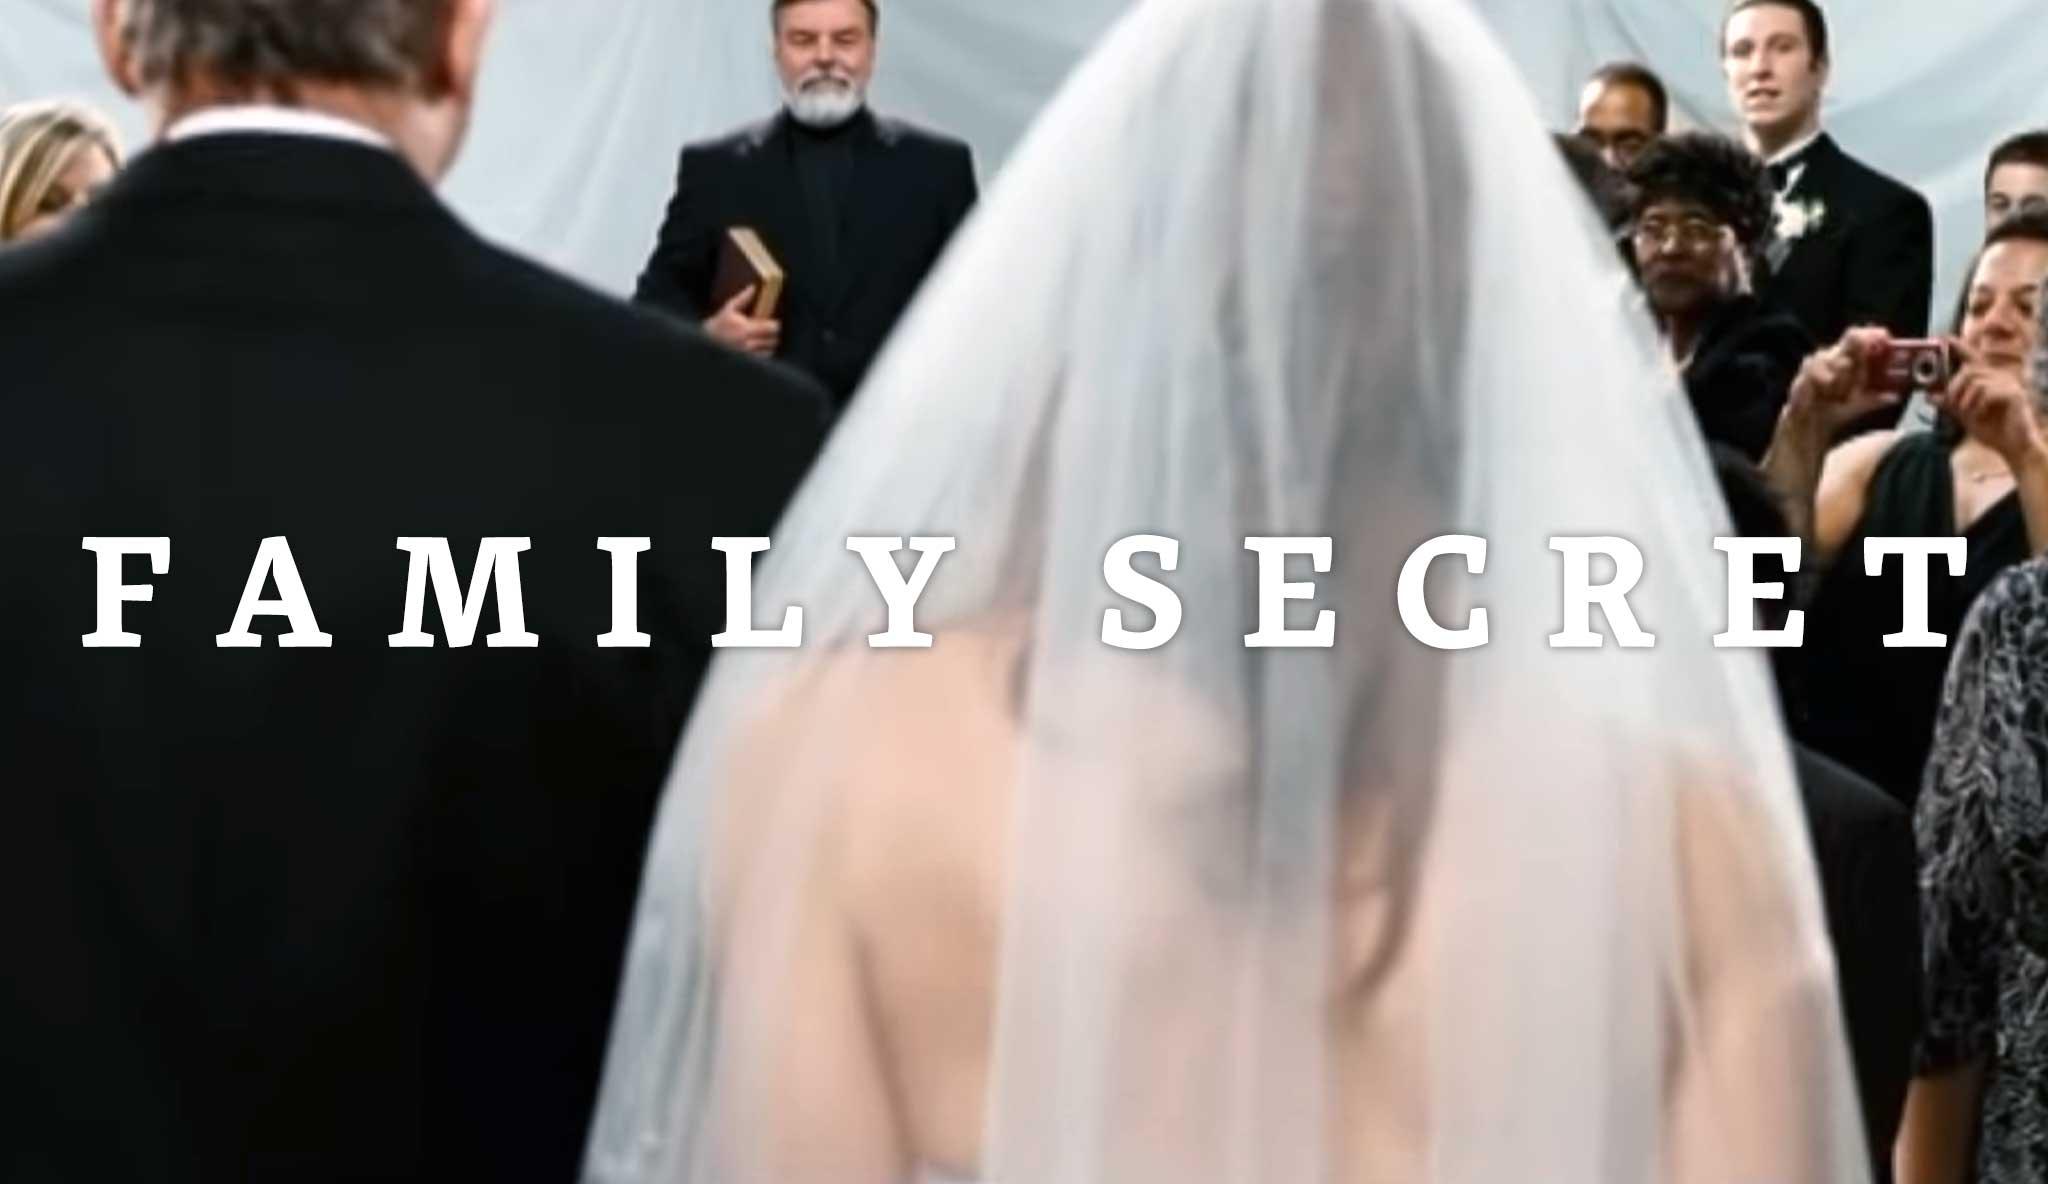 family-secret\header.jpg